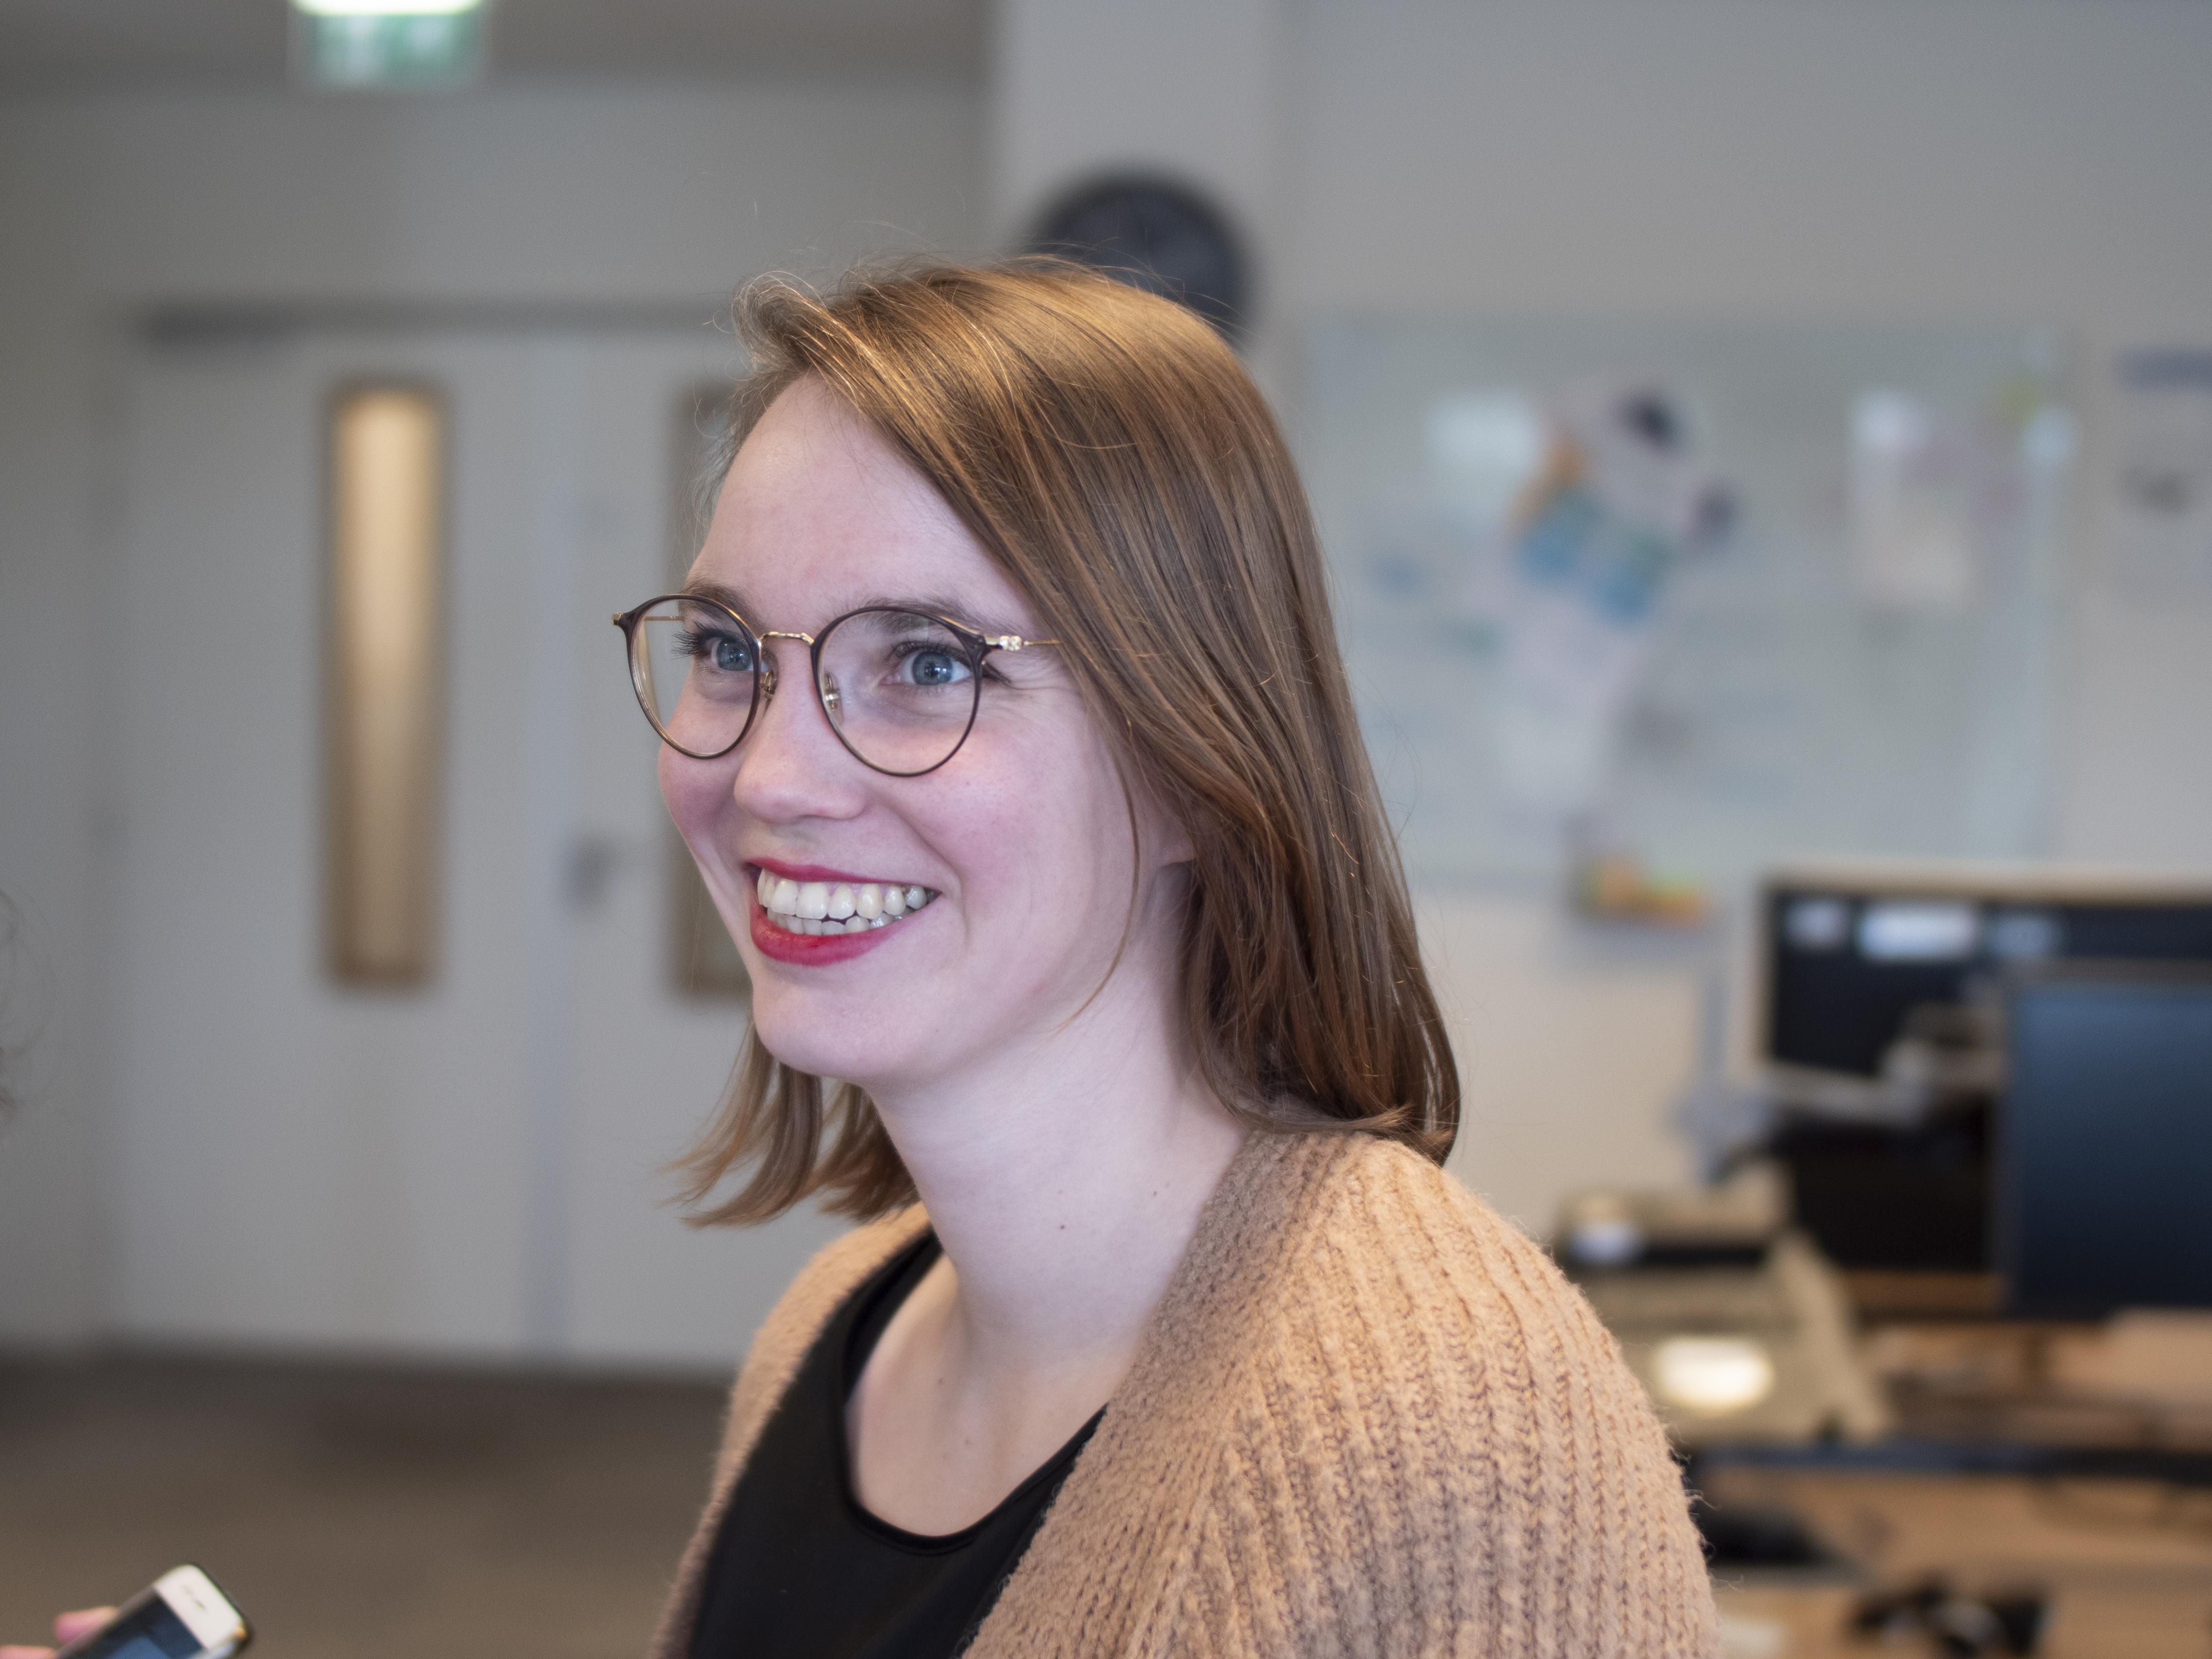 OGD'er aan het woord: waarom consultant Tanja niet weggaat voordat het opgelost is